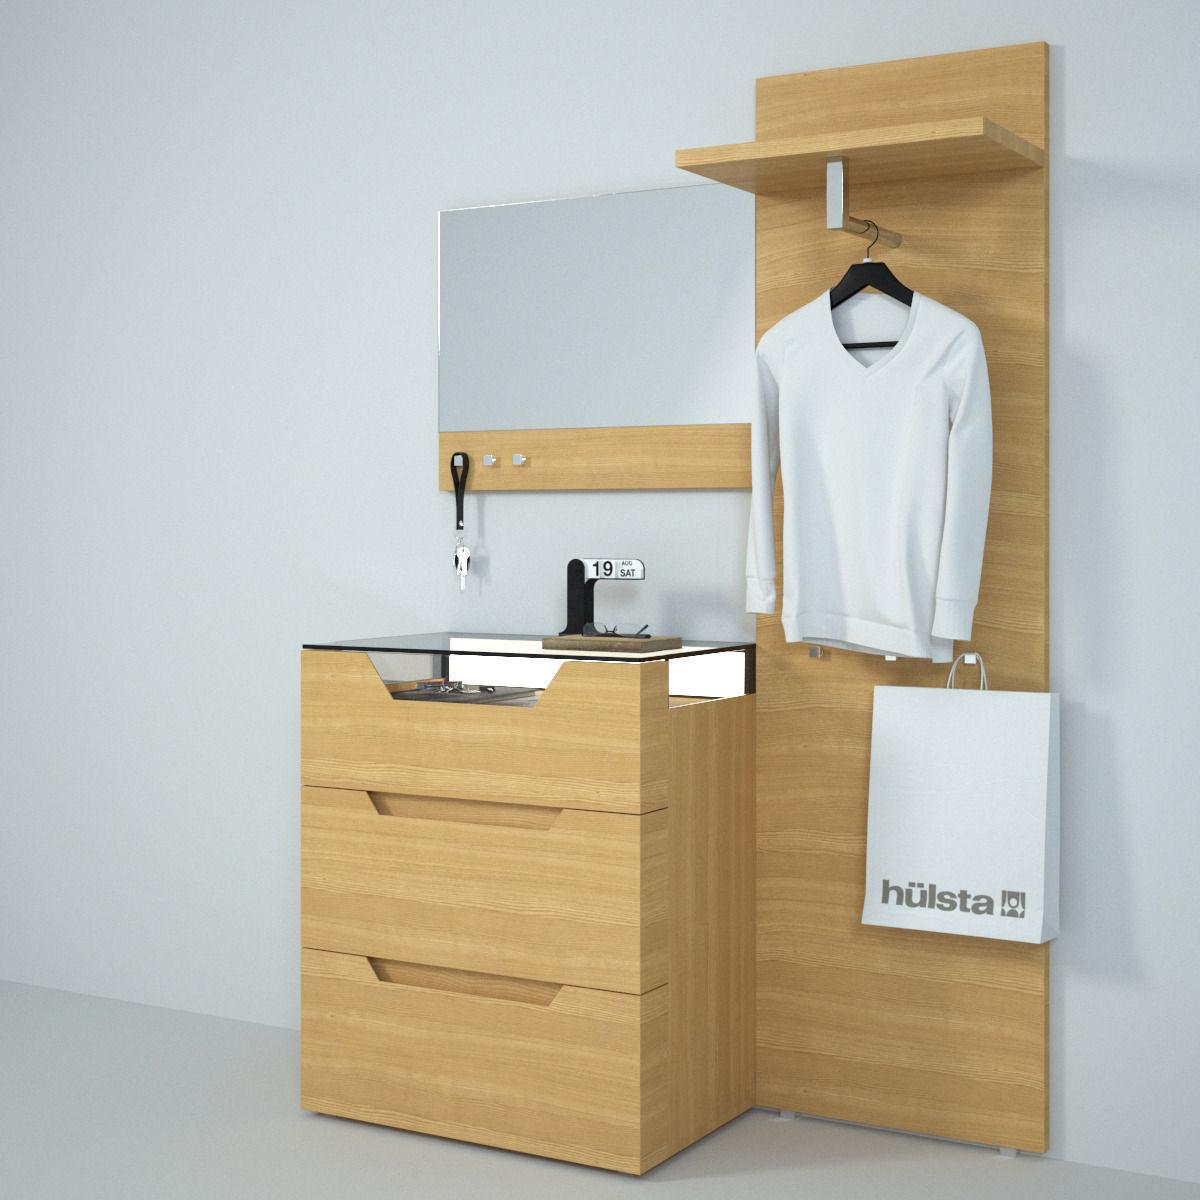 hulsta living hulsta hlsta nowtime wonenonline lekkere van hlsta sofa remodelling your. Black Bedroom Furniture Sets. Home Design Ideas